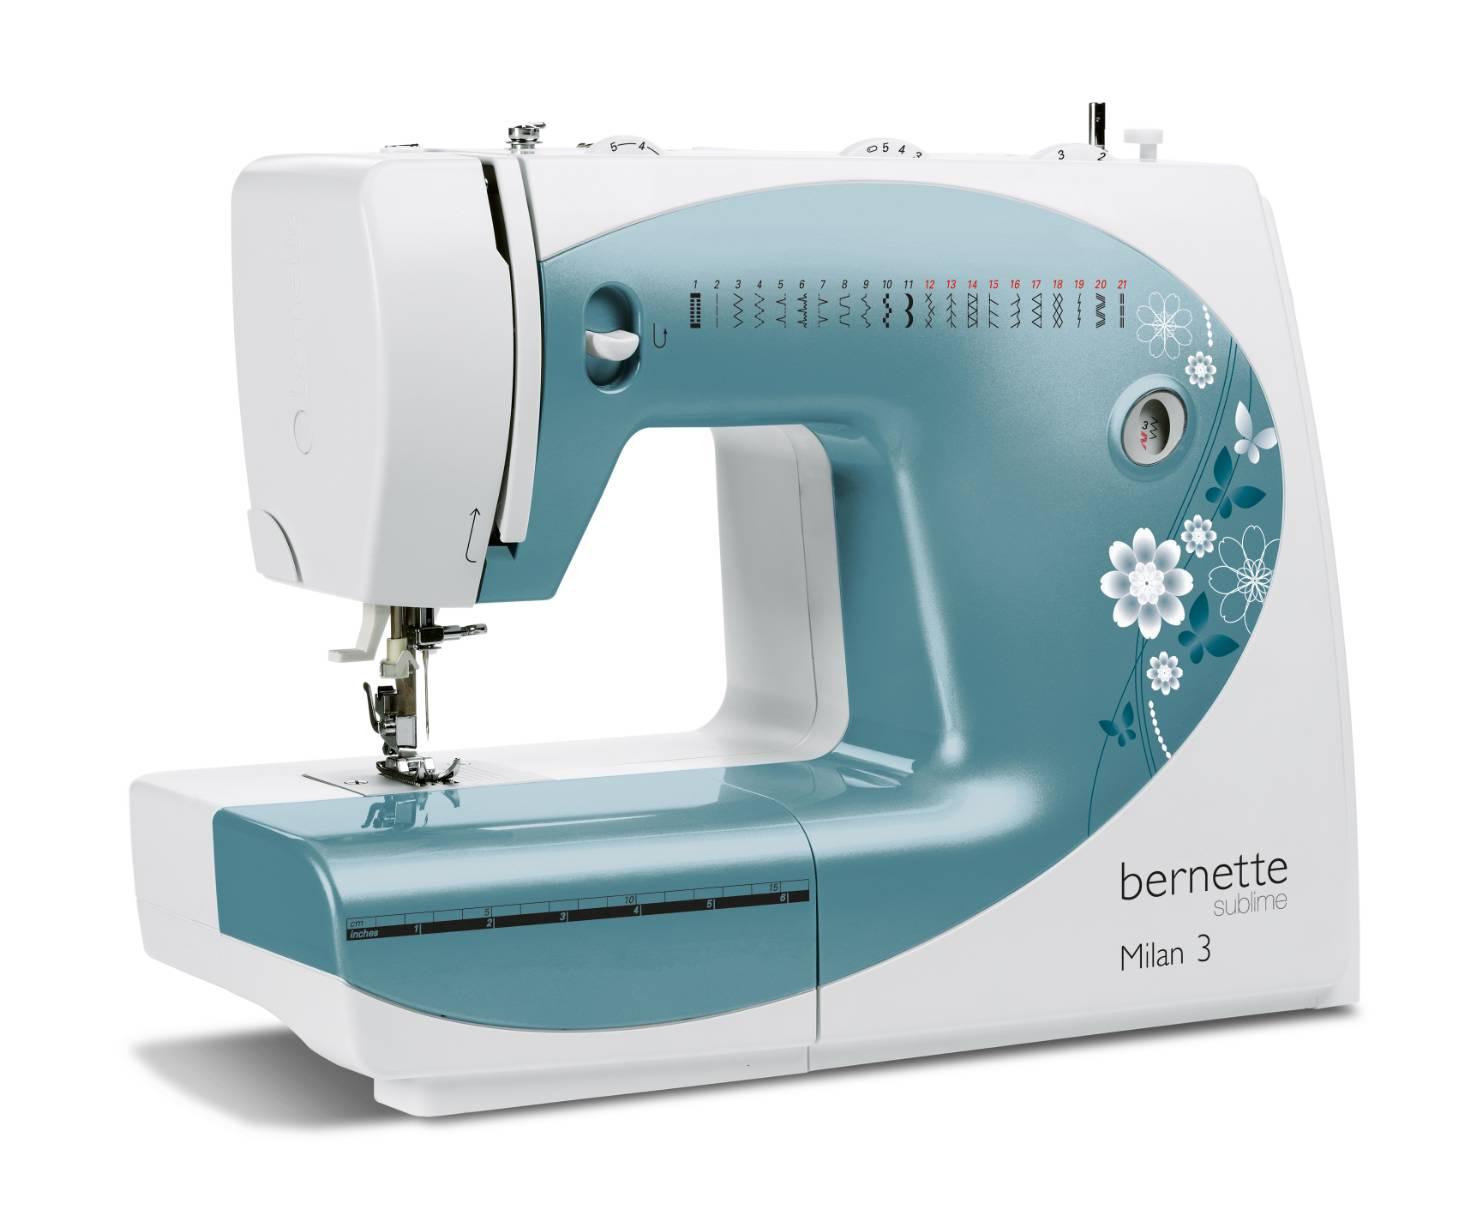 šicí stroj Bernette Milan 3